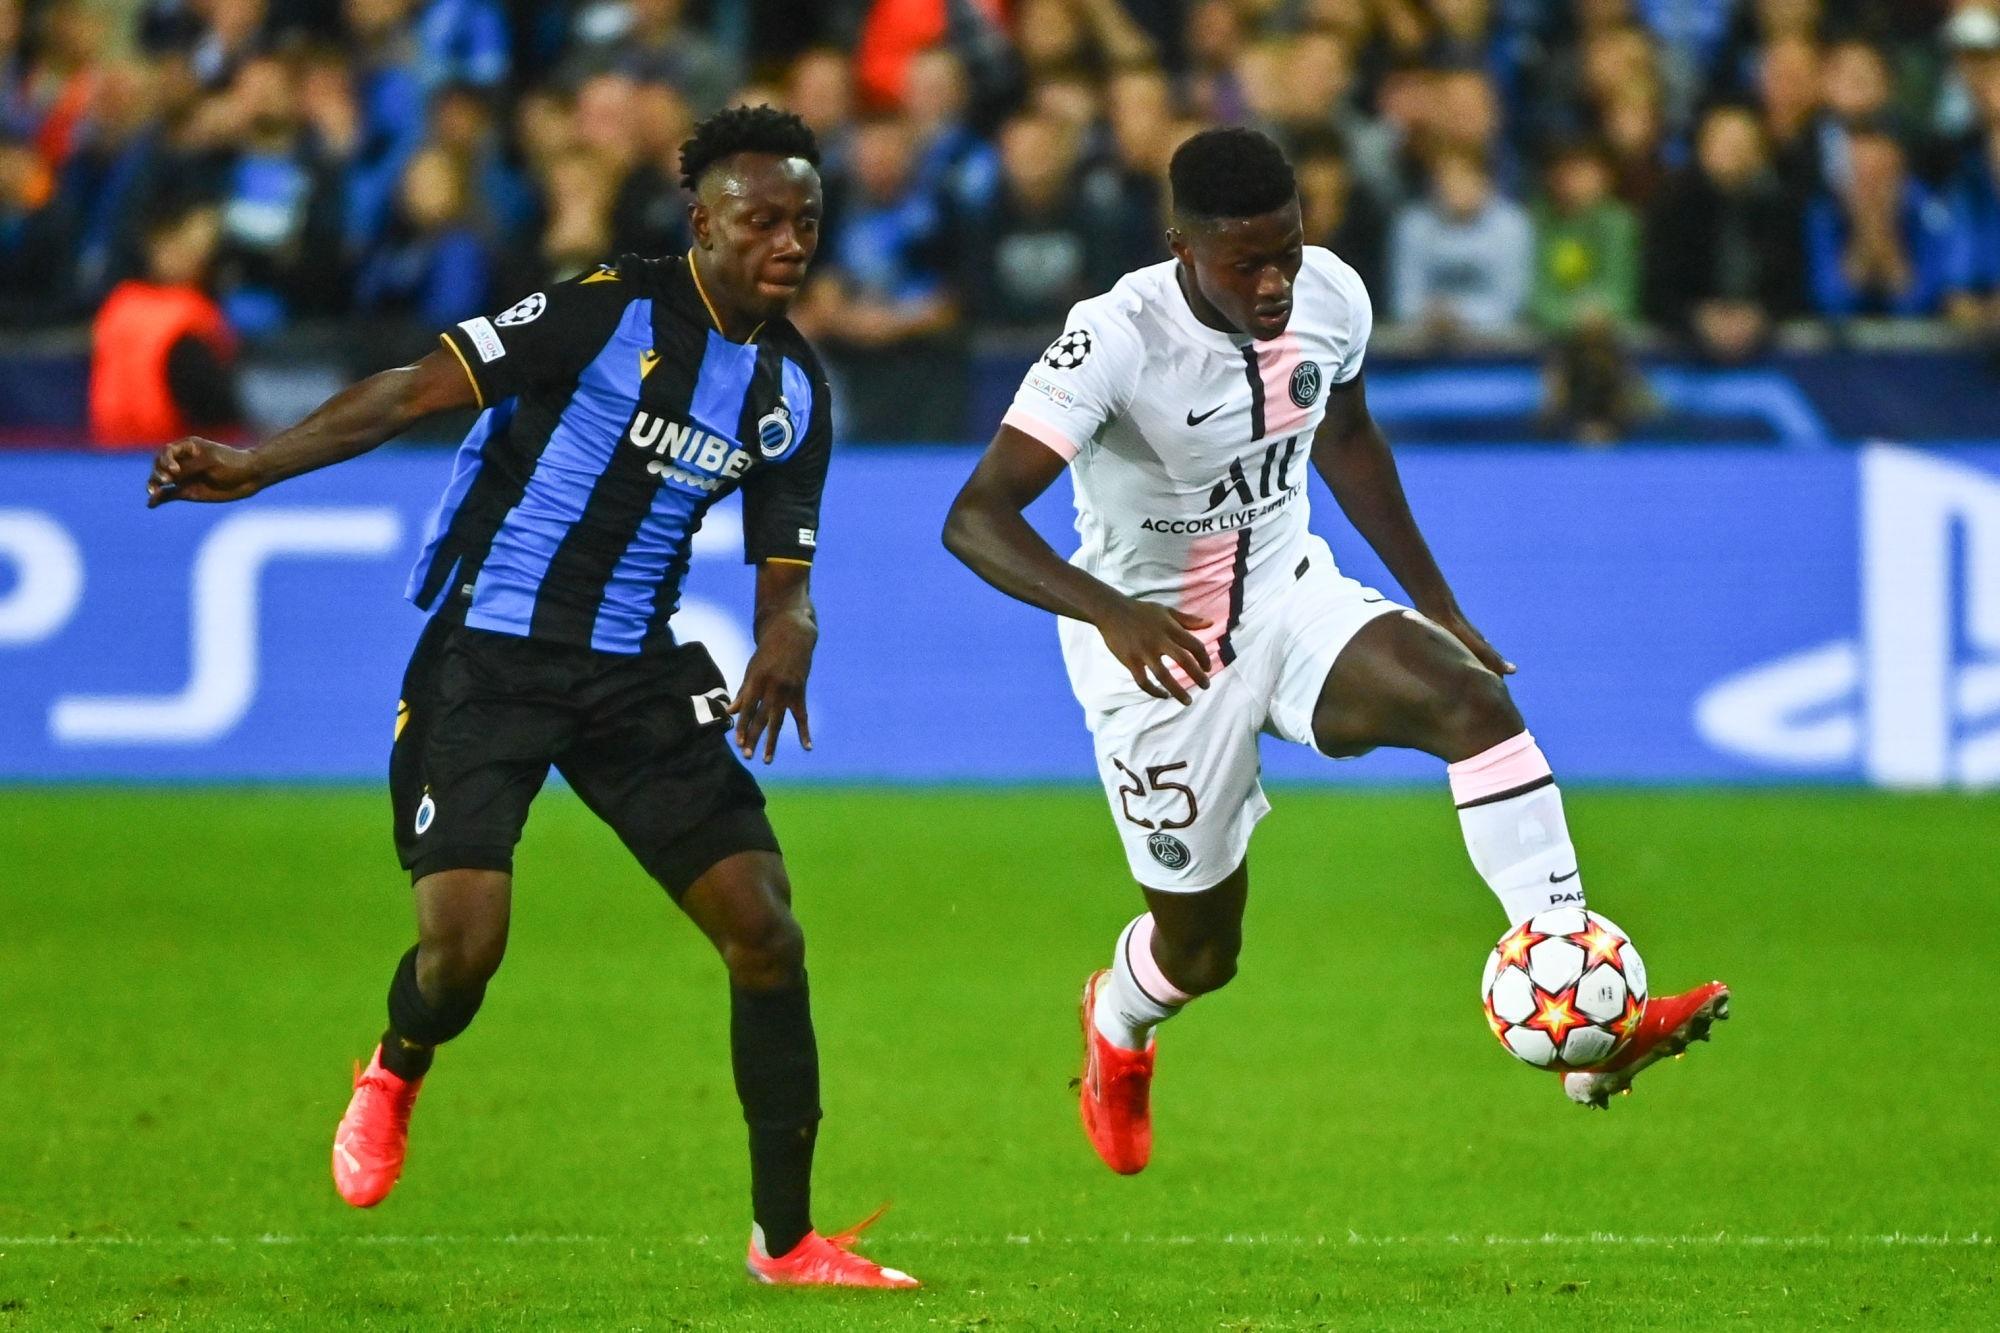 """Bruges/PSG - Nuno Mendes heureux d'avoir joué, mais """"déçu du résultat"""""""